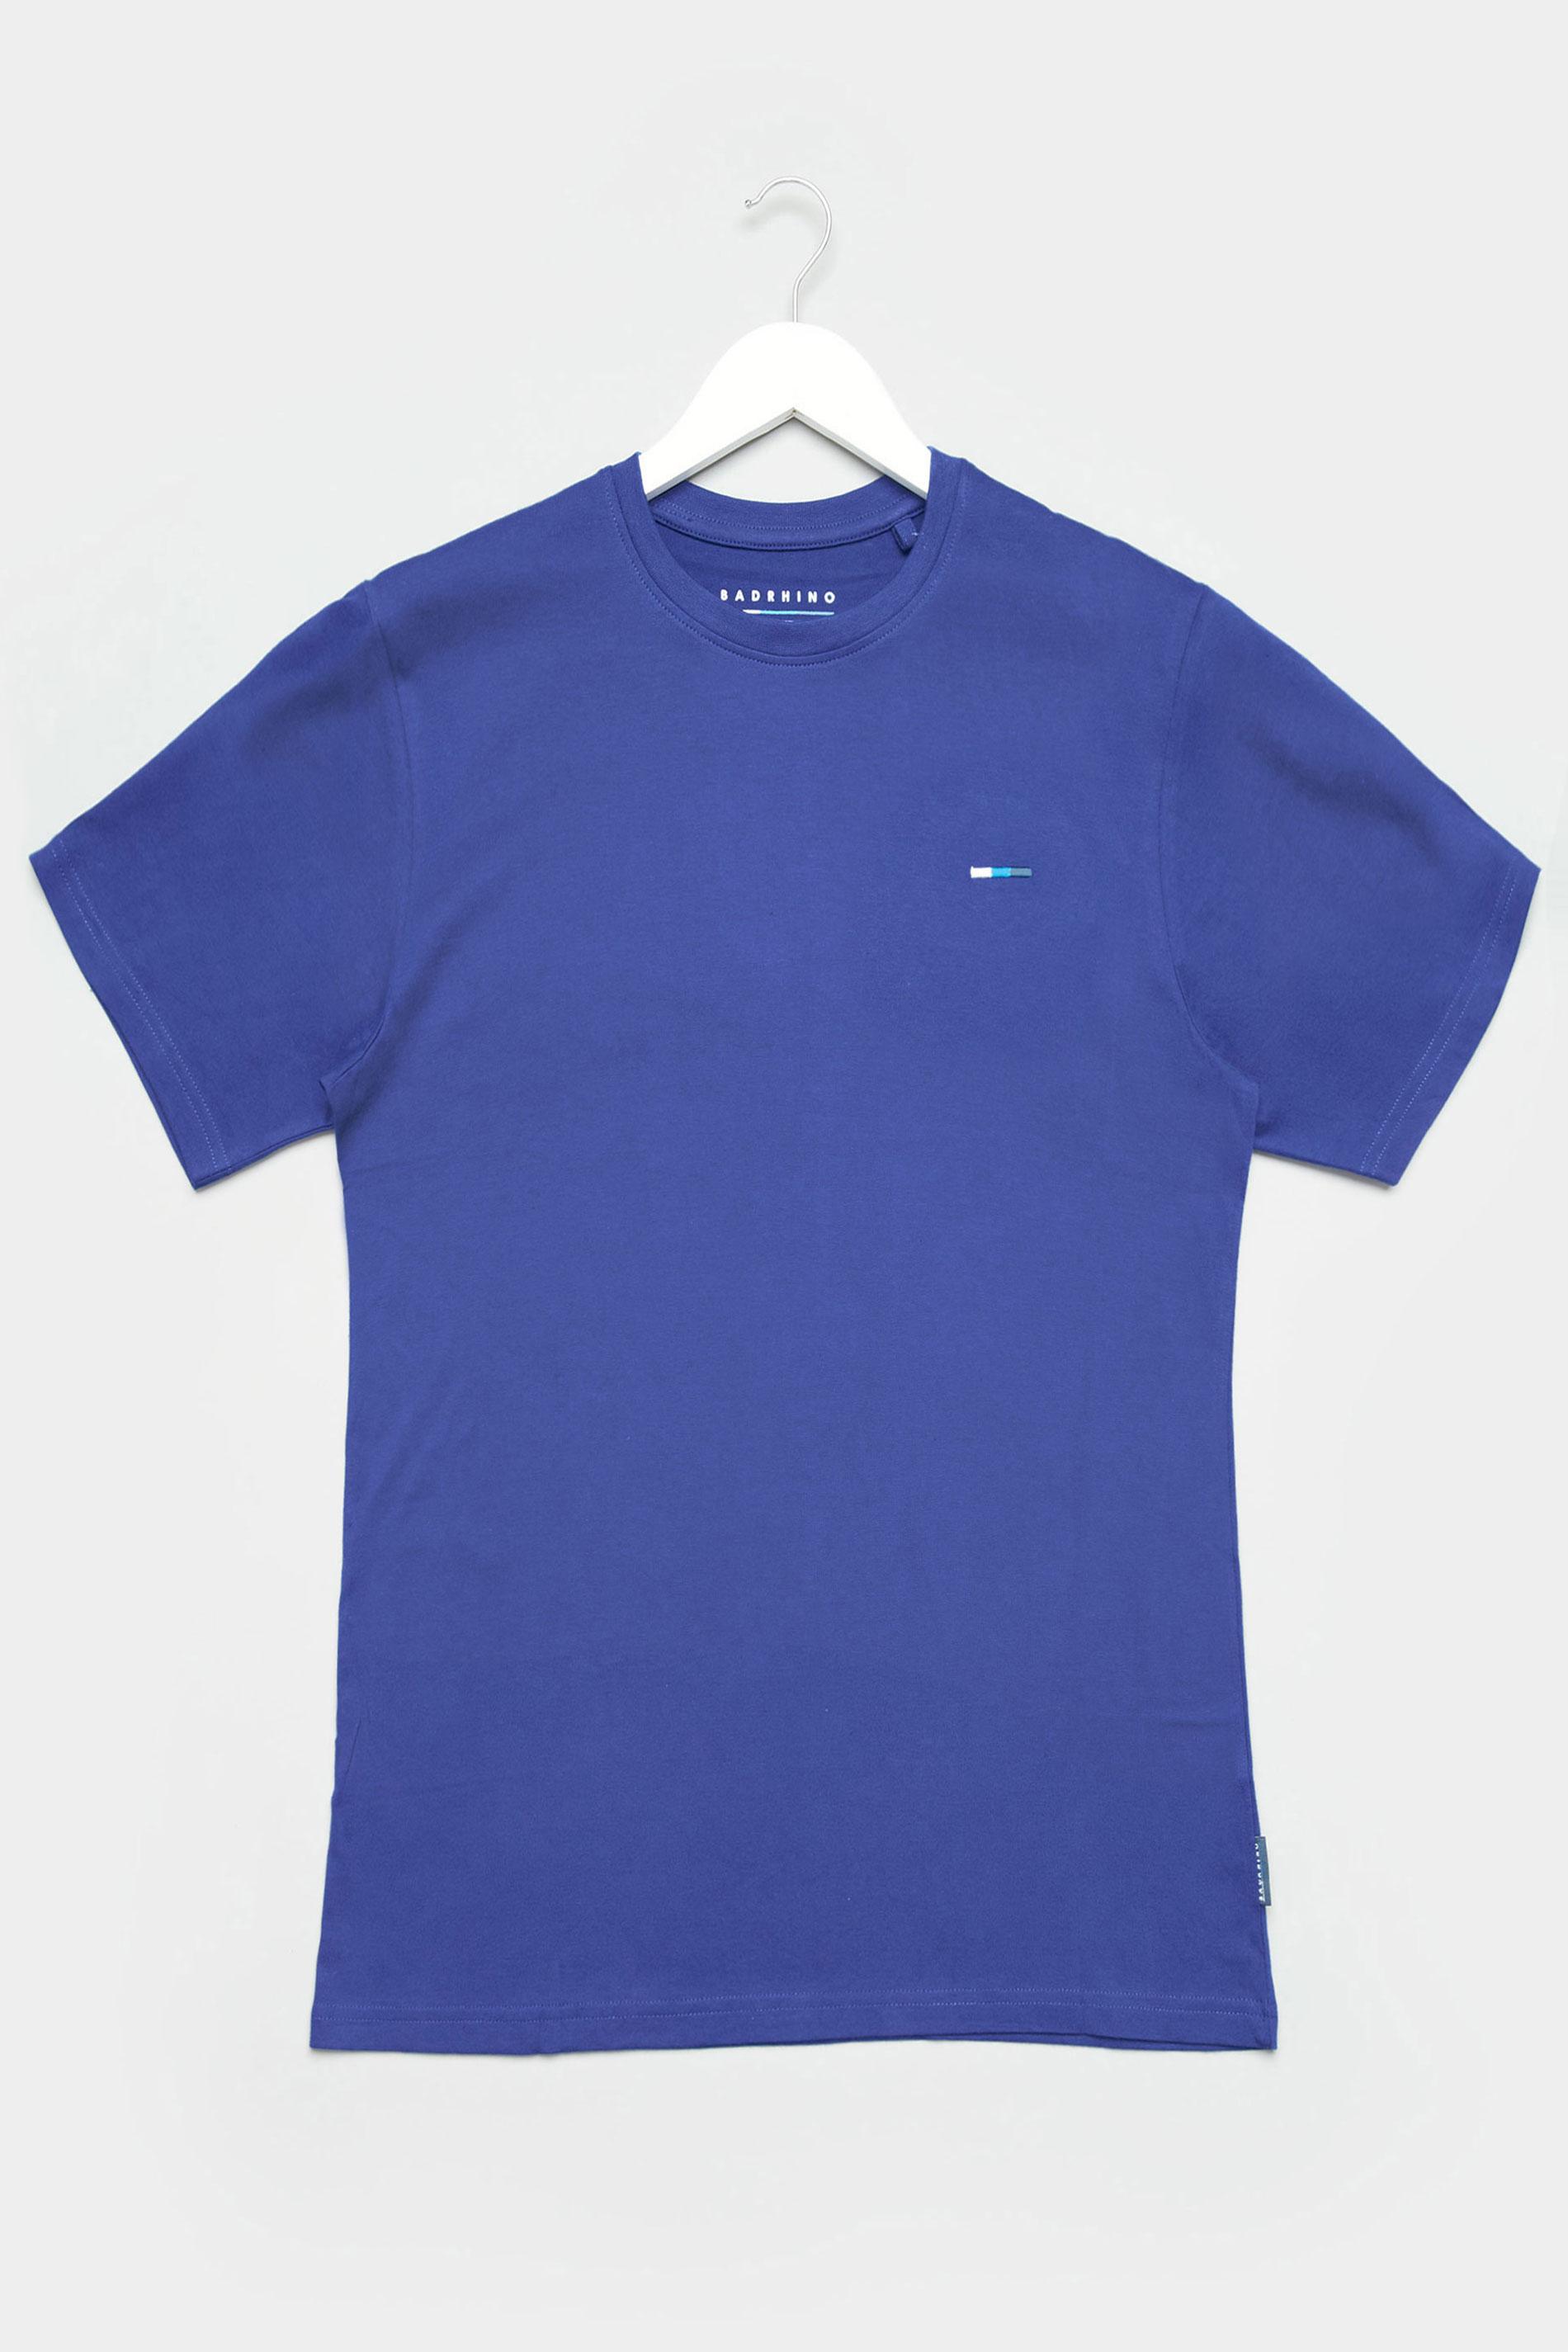 BadRhino Royal Blue Plain T-Shirt